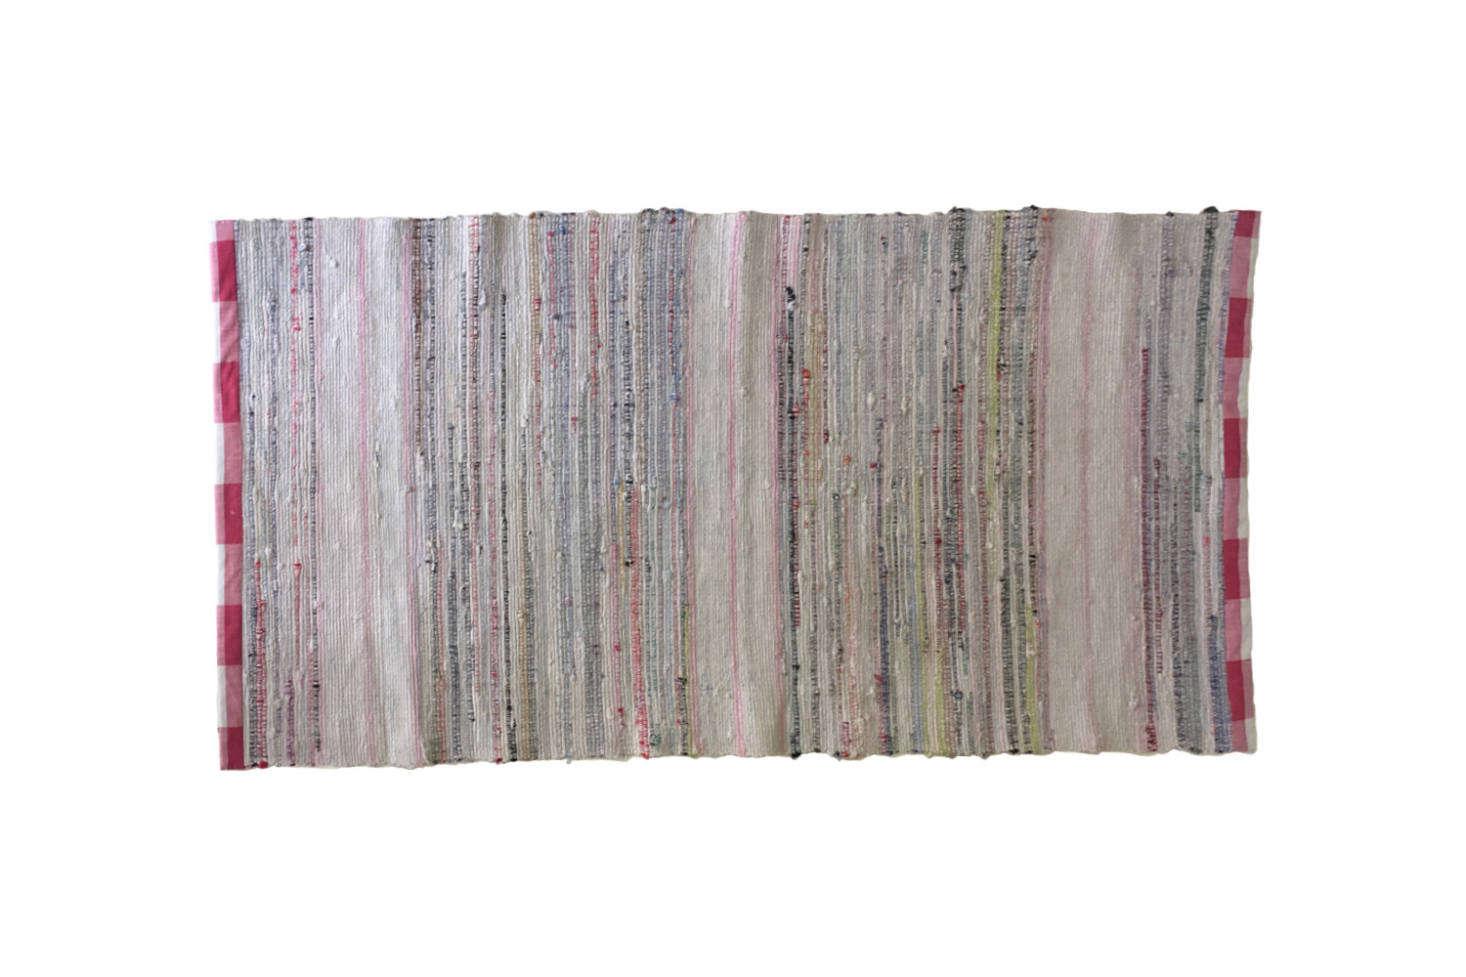 Izabella sourced a Swedish rag rug for her kitchen. She cites a similar Swedish Rag Rug for $73. from Beyond France Ltd Vintage on Etsy.